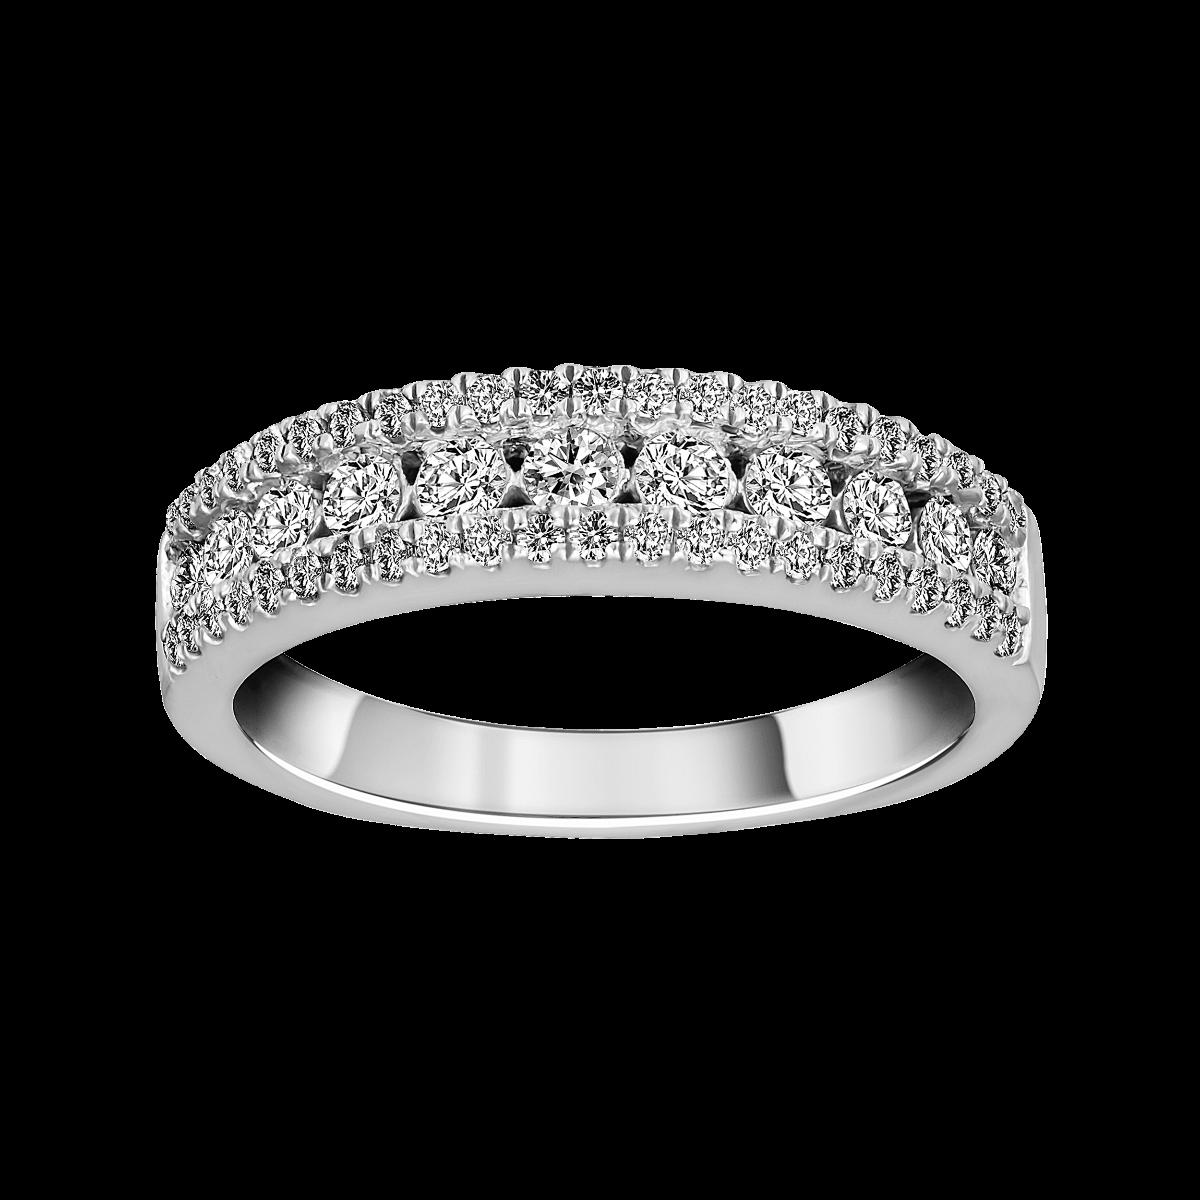 Aliança de diamantes em ouro branco